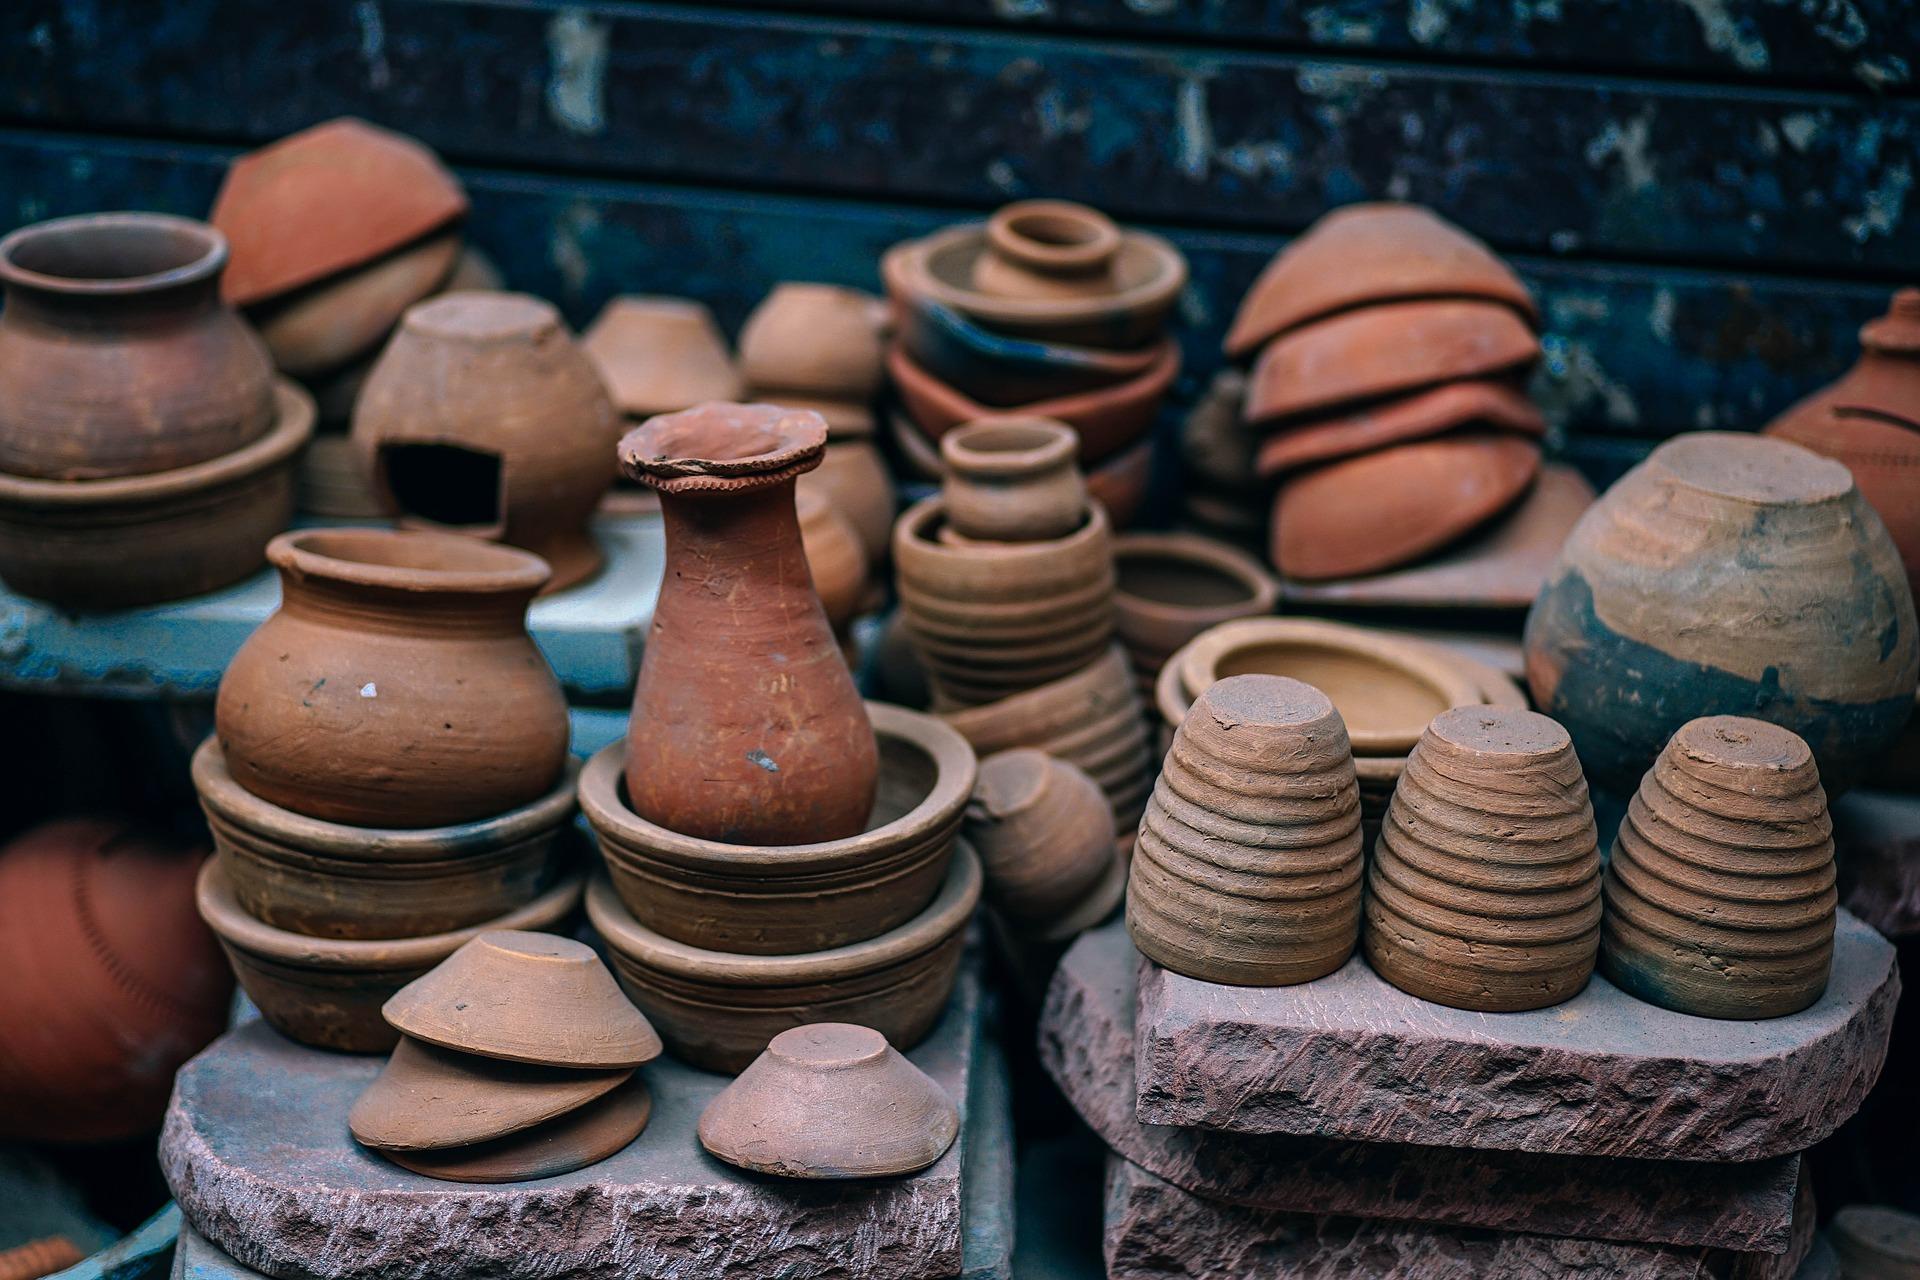 Jak powstała porcelana opolska? - Zdjęcie główne